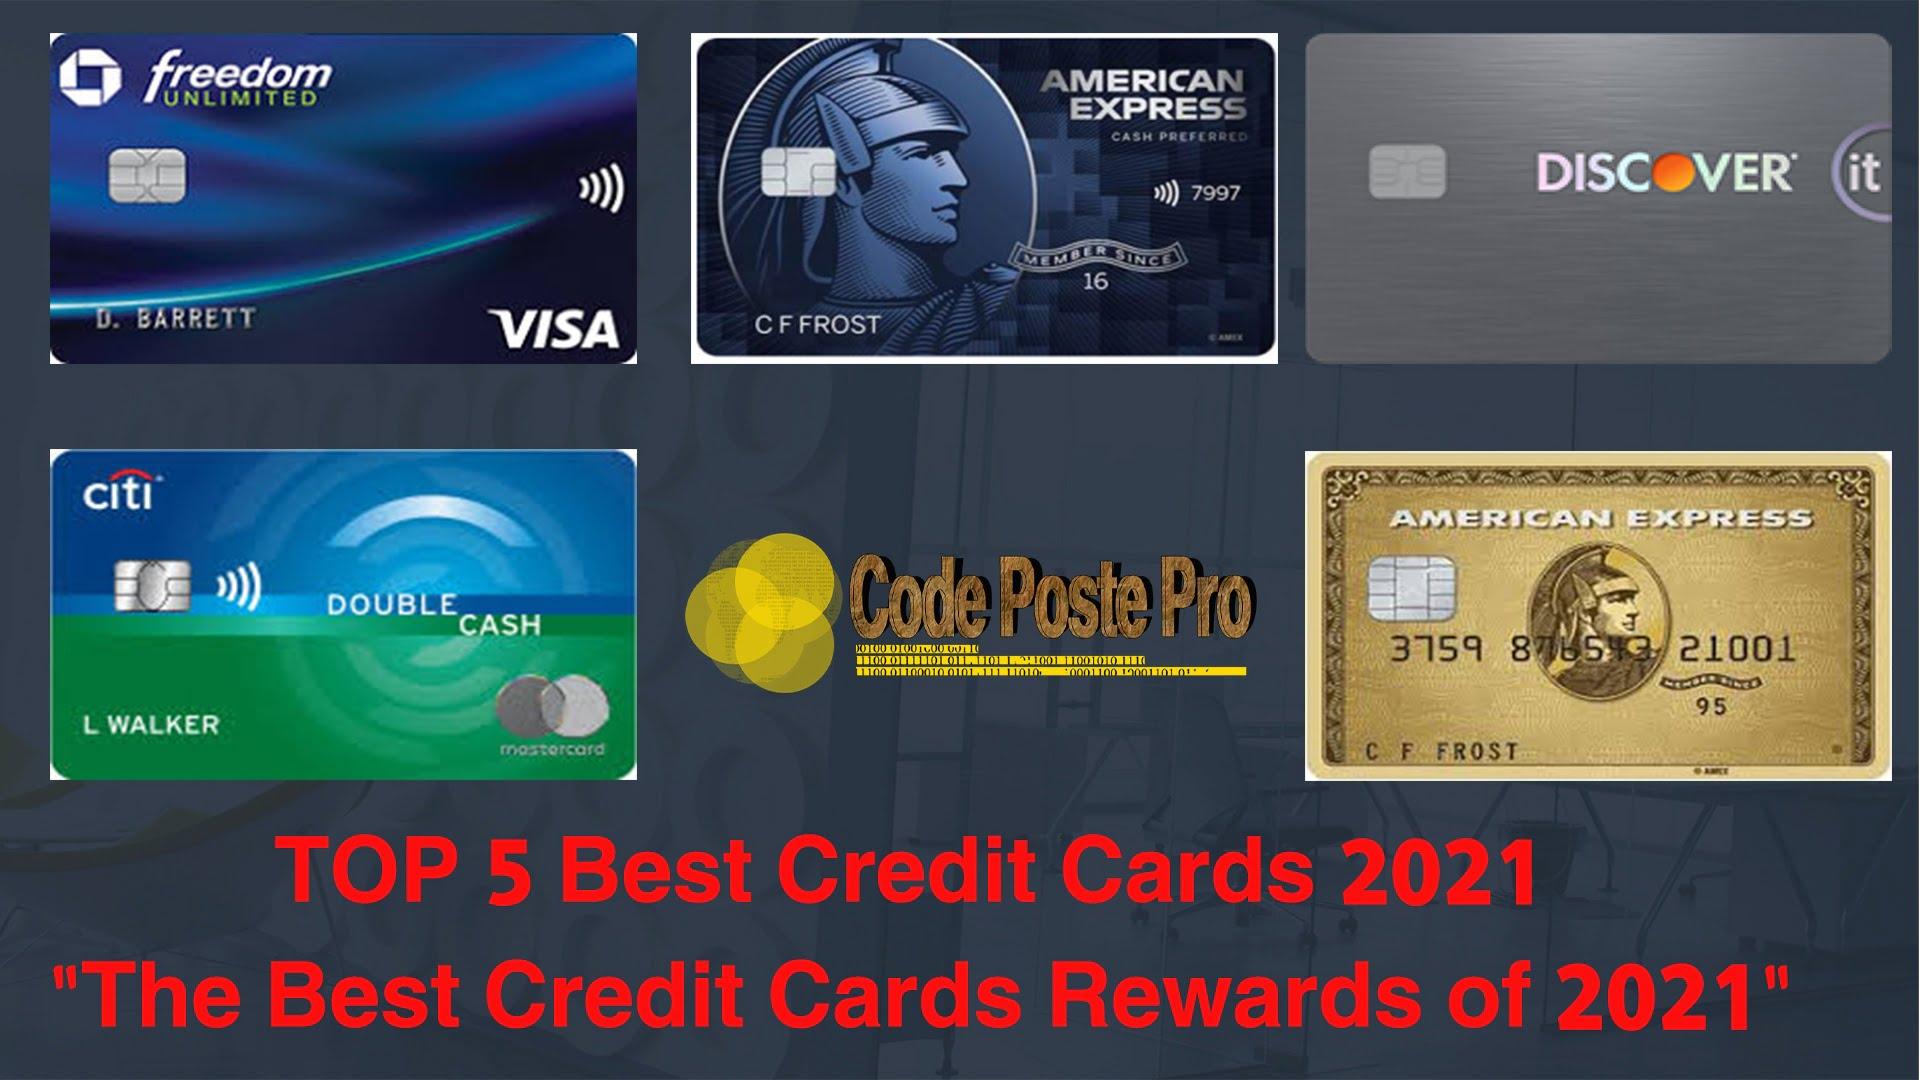 TOP 8 Best Credit Cards 8 /Best Credit Cards Rewards 8